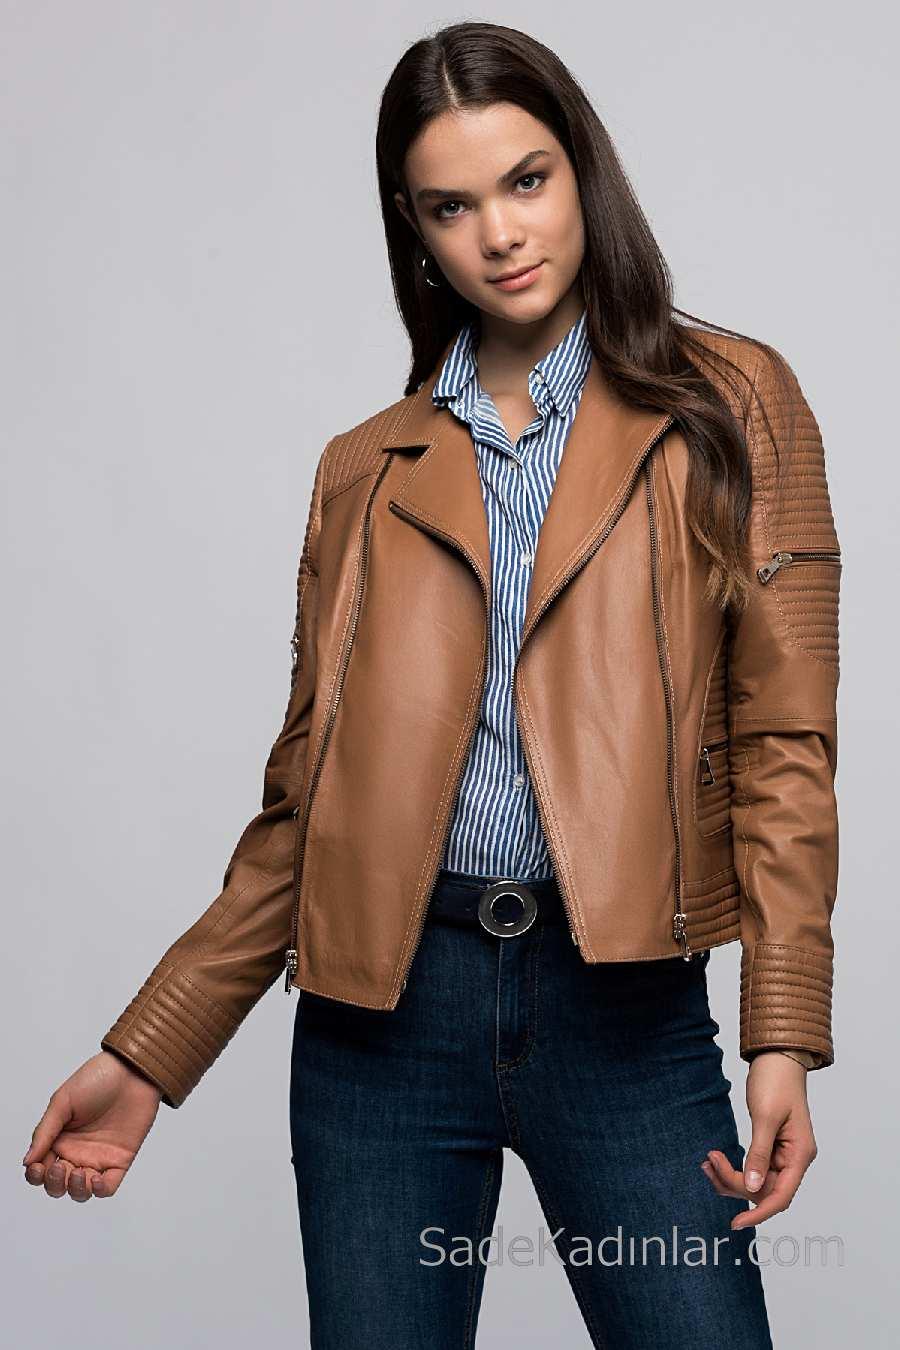 Lacivert blazer ceket kombinleri bayan 2019